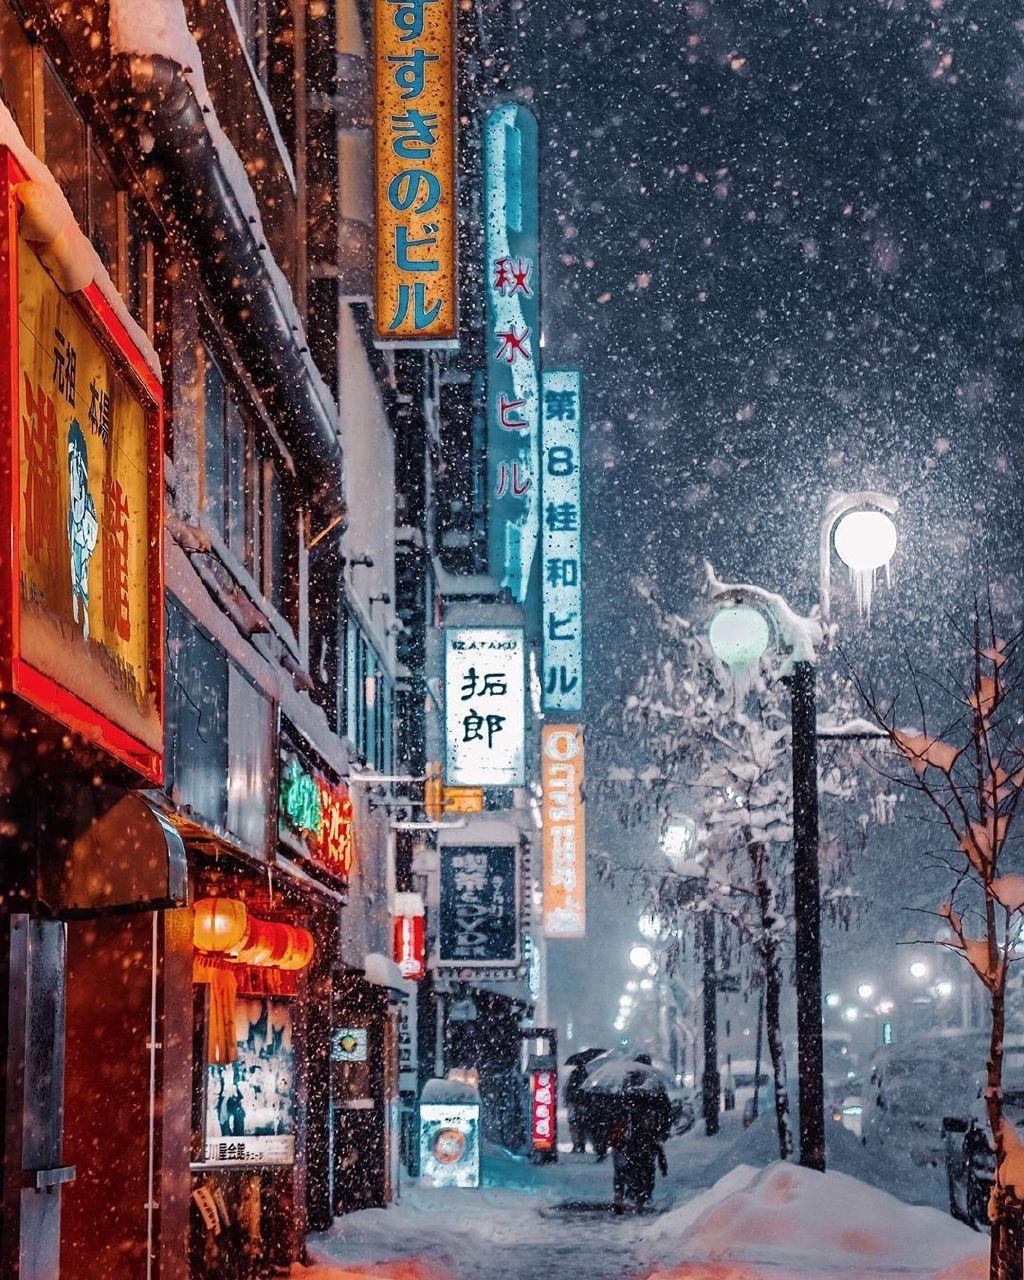 日本的温暖冬日影像 |Kristina Makeeva PHOTO